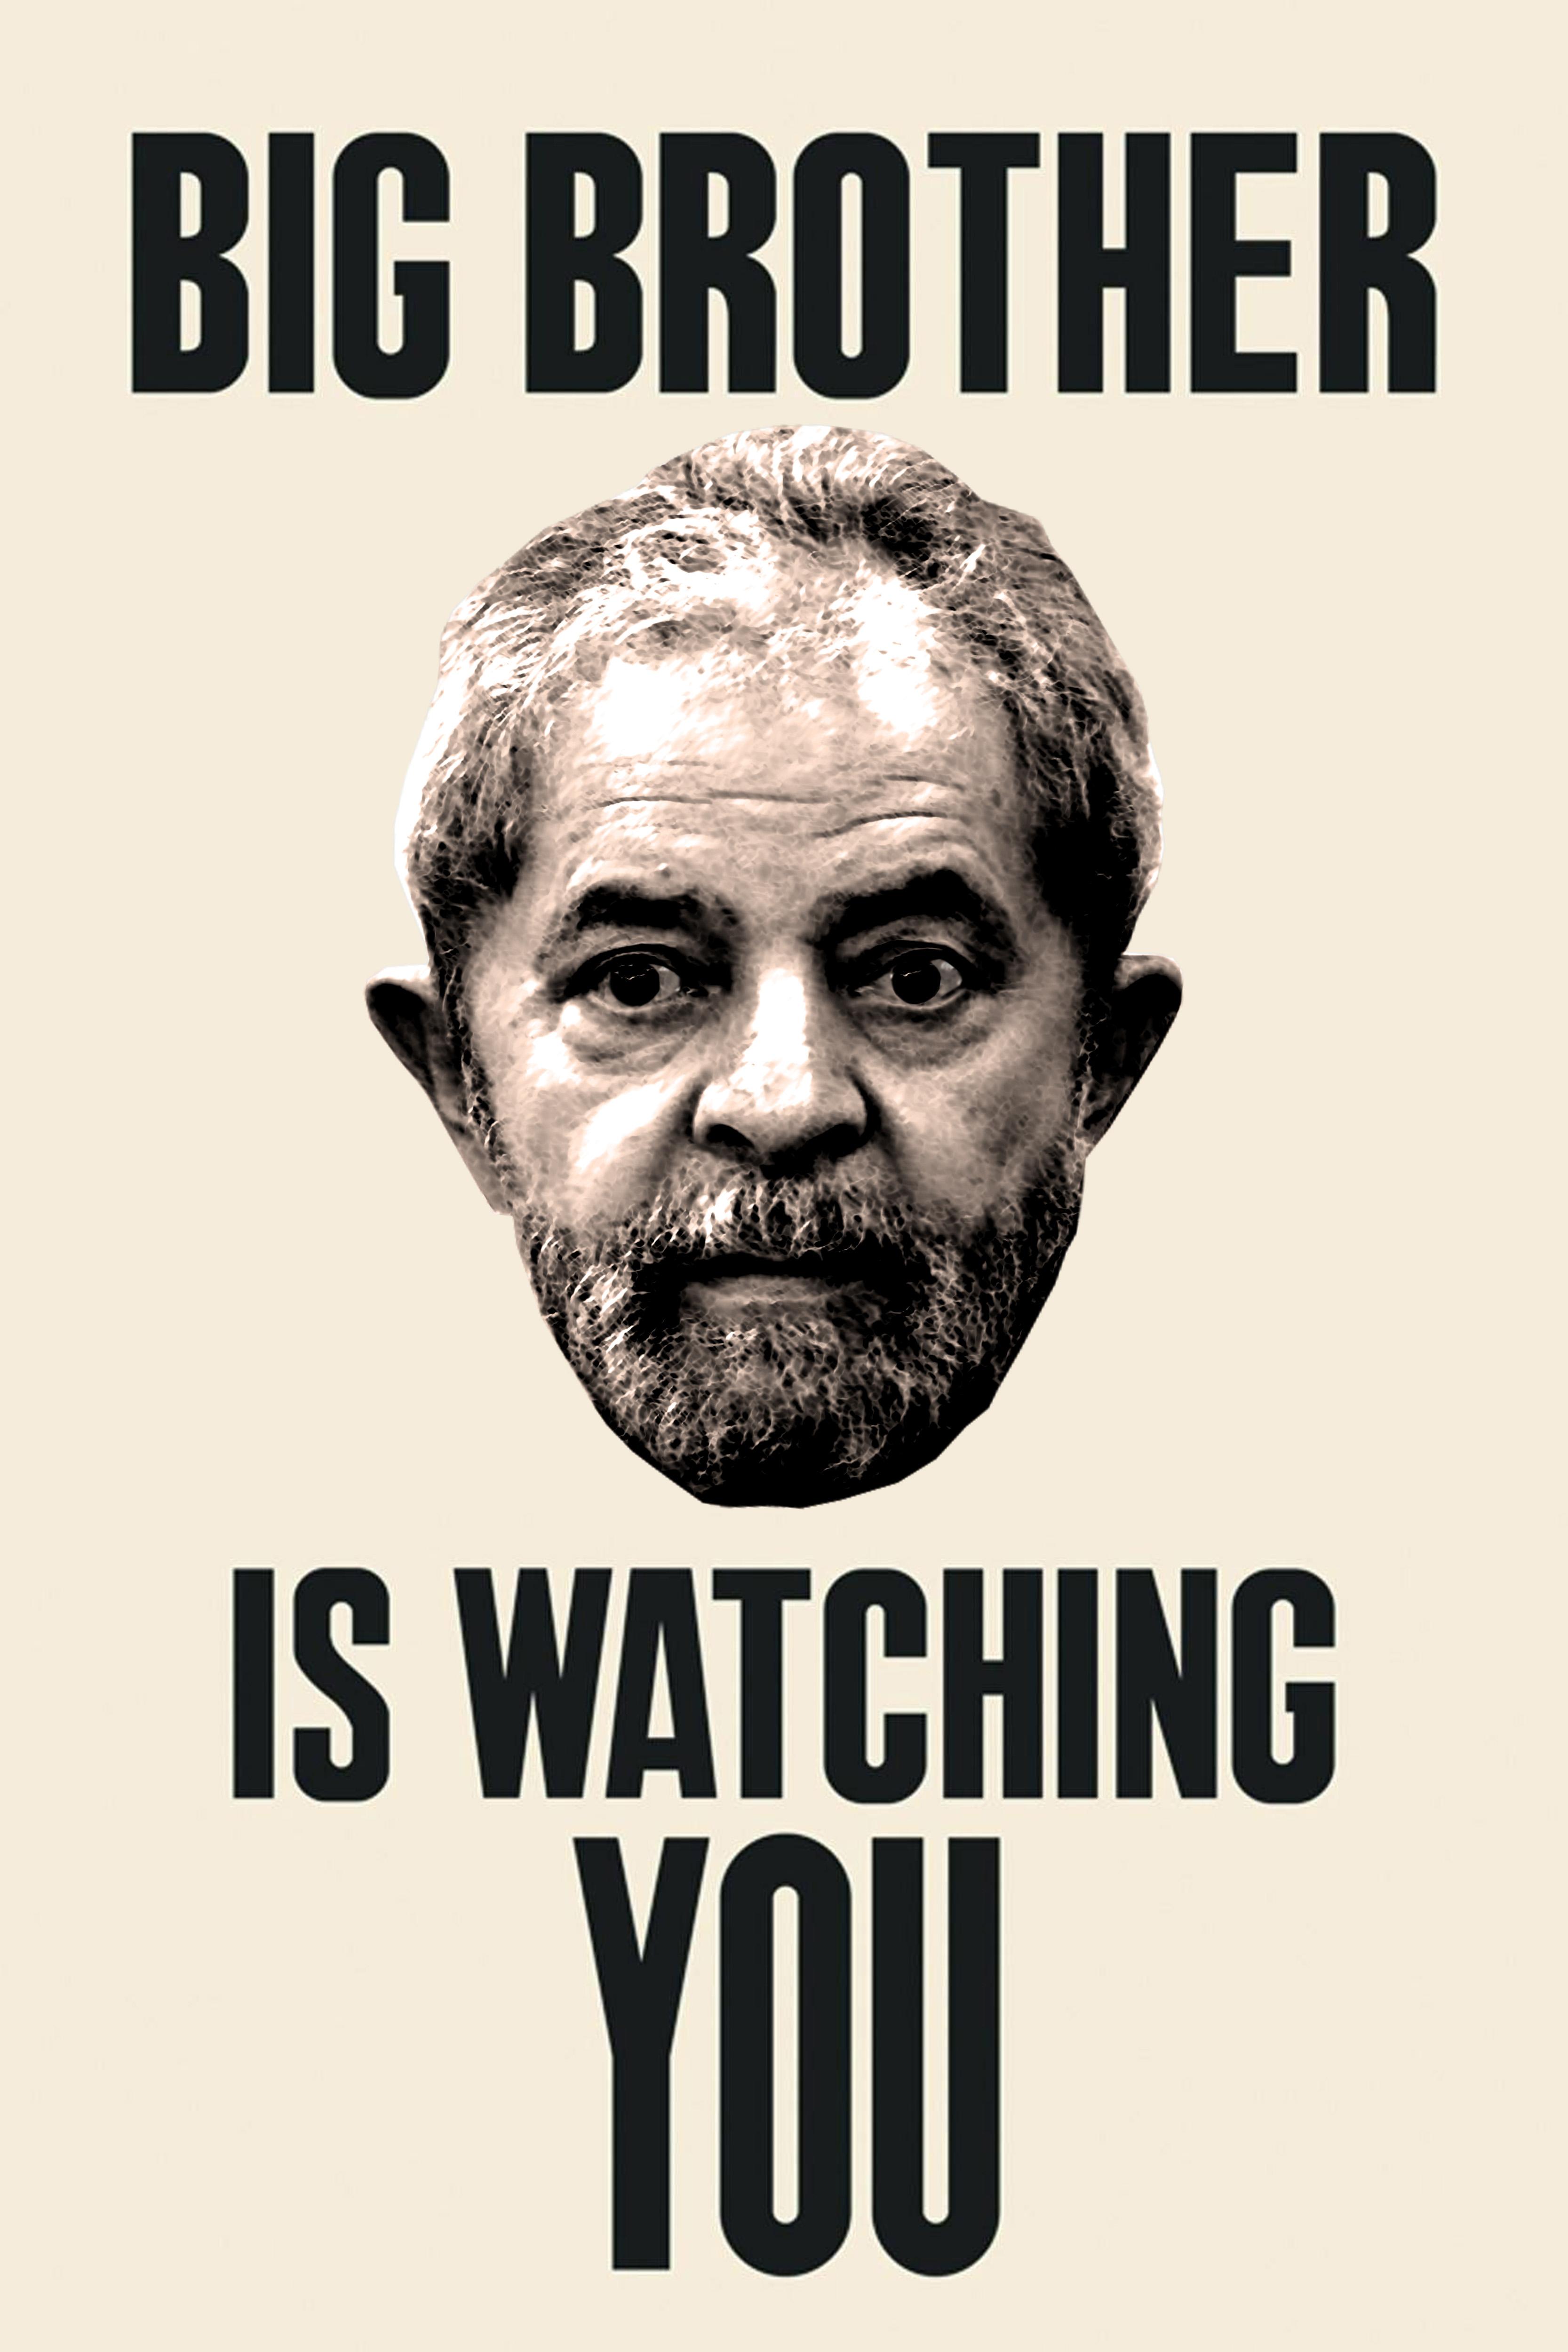 Lula is watching you.jpg